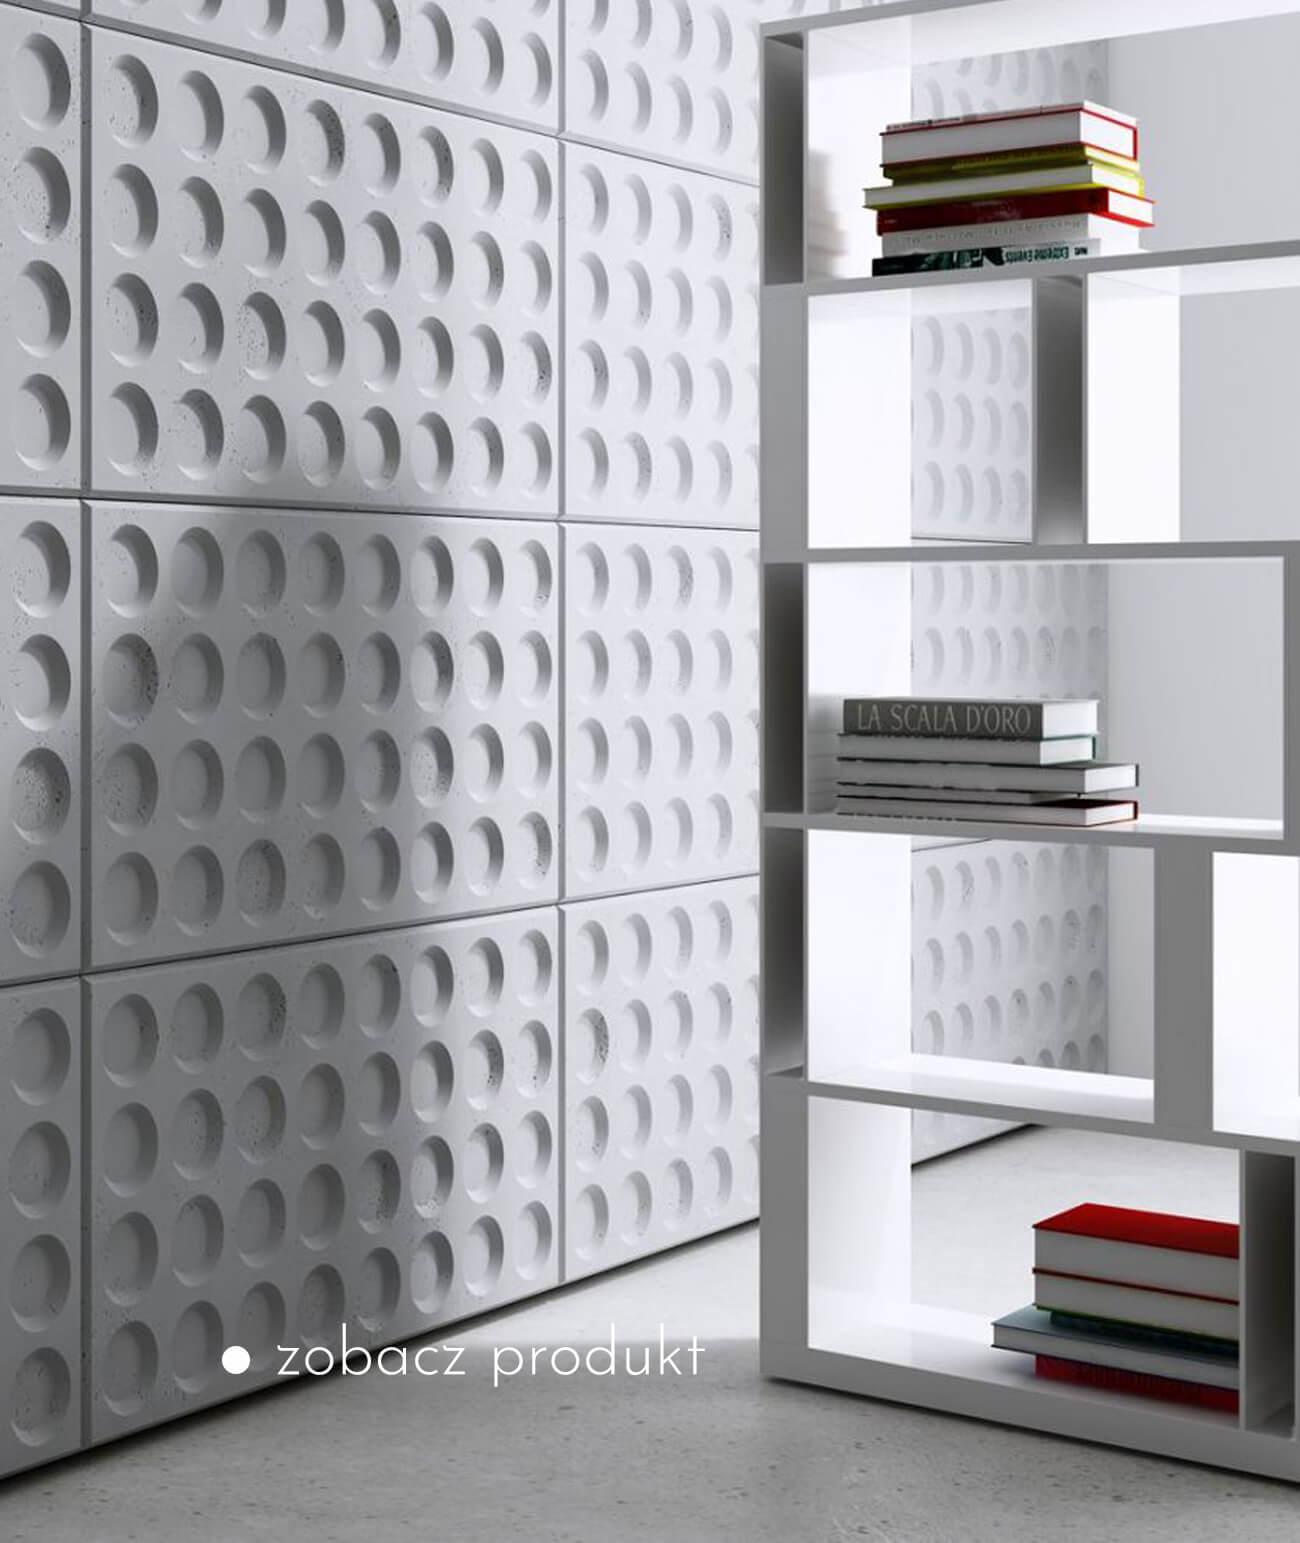 panele-betonowe-3d-scienne-i-elewacyjne-beton-architektoniczny_898-19861-pb28-s50-jasny-szary-mysi-grid---panel-dekor-3d-beton-architektoniczny-panel-scienny